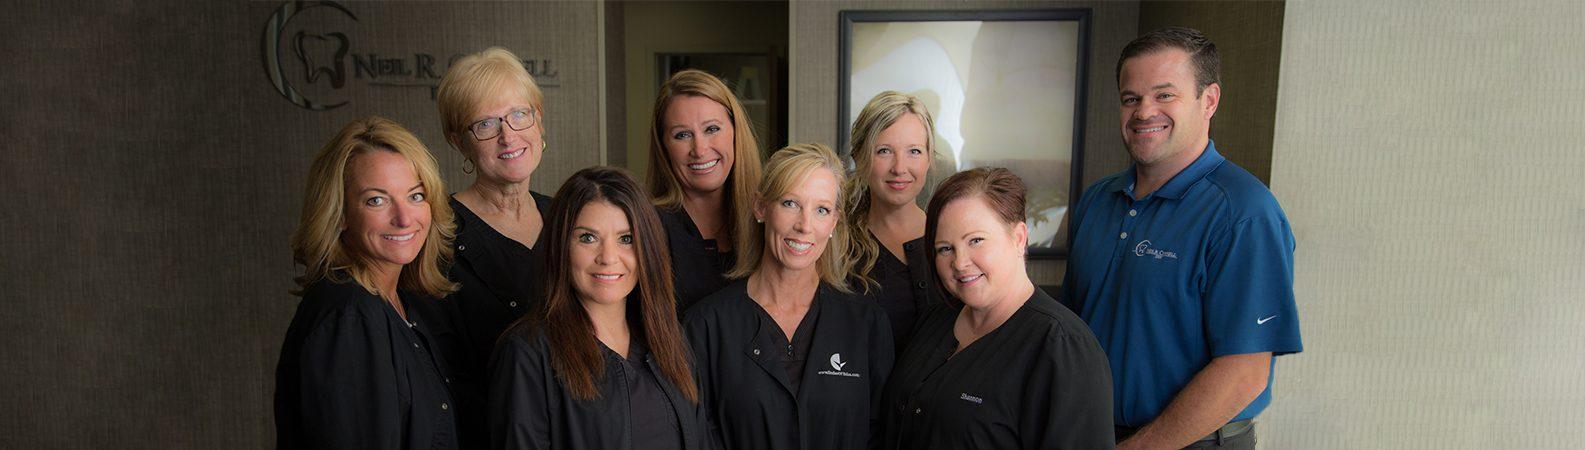 meet our staff bios dental